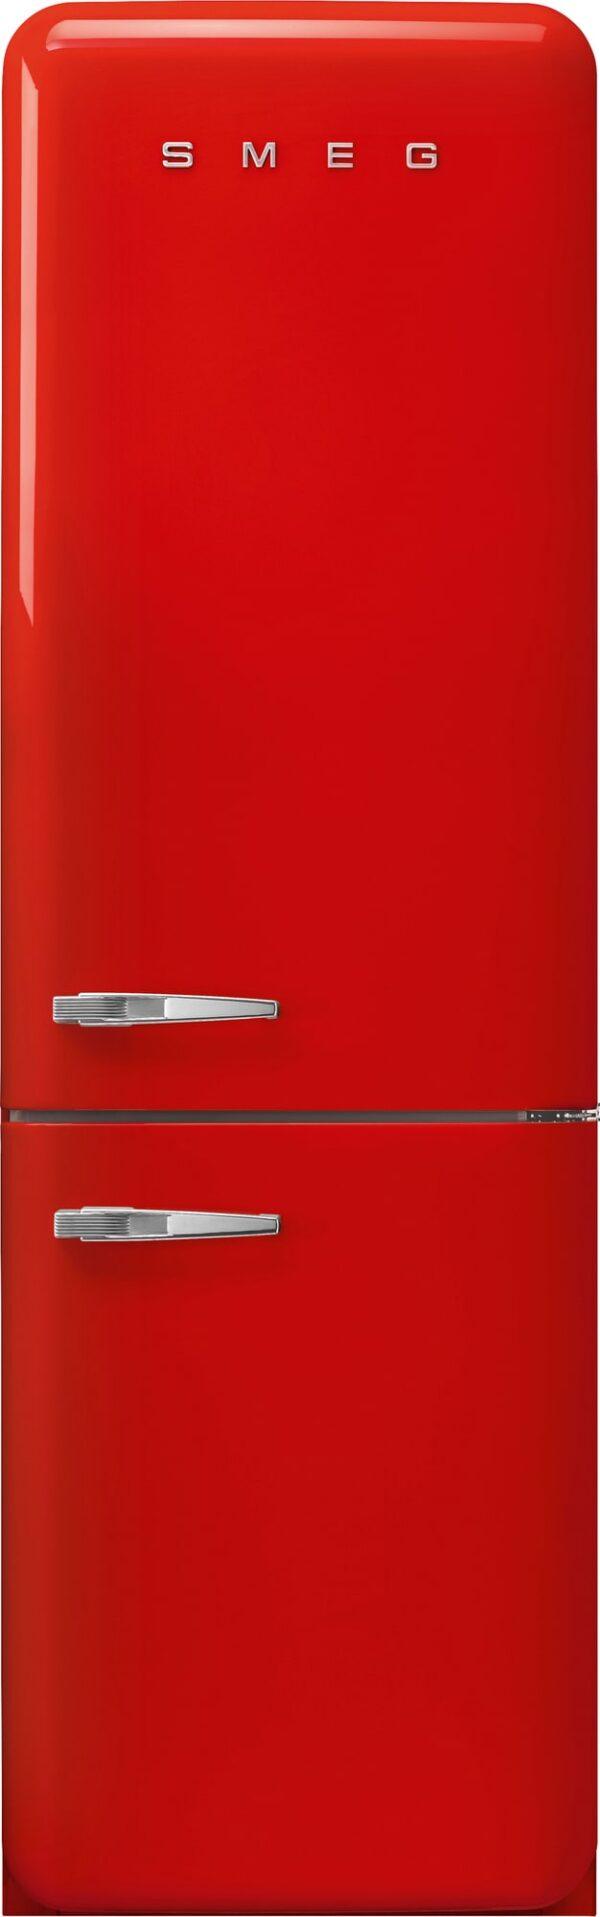 Smeg 50's Style kølefryseskab FAB32RRD5 (rød)